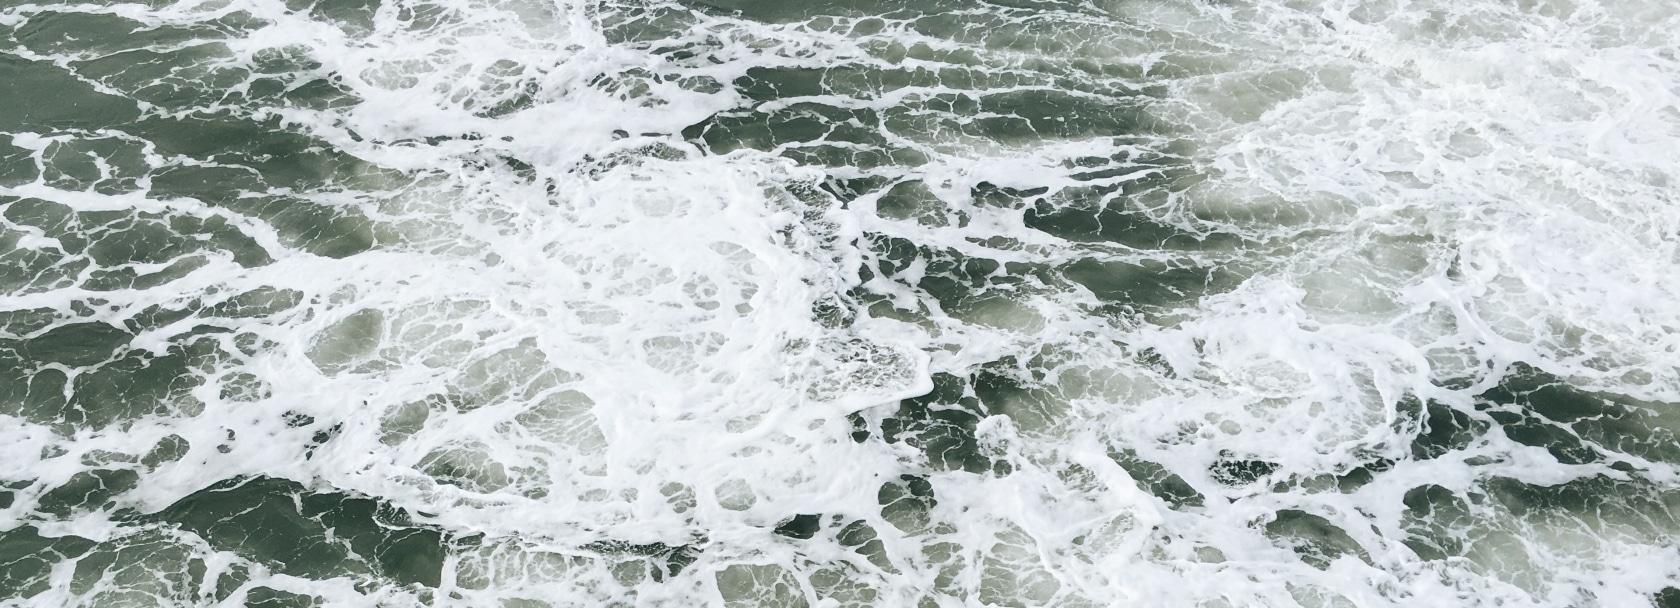 Foamy water